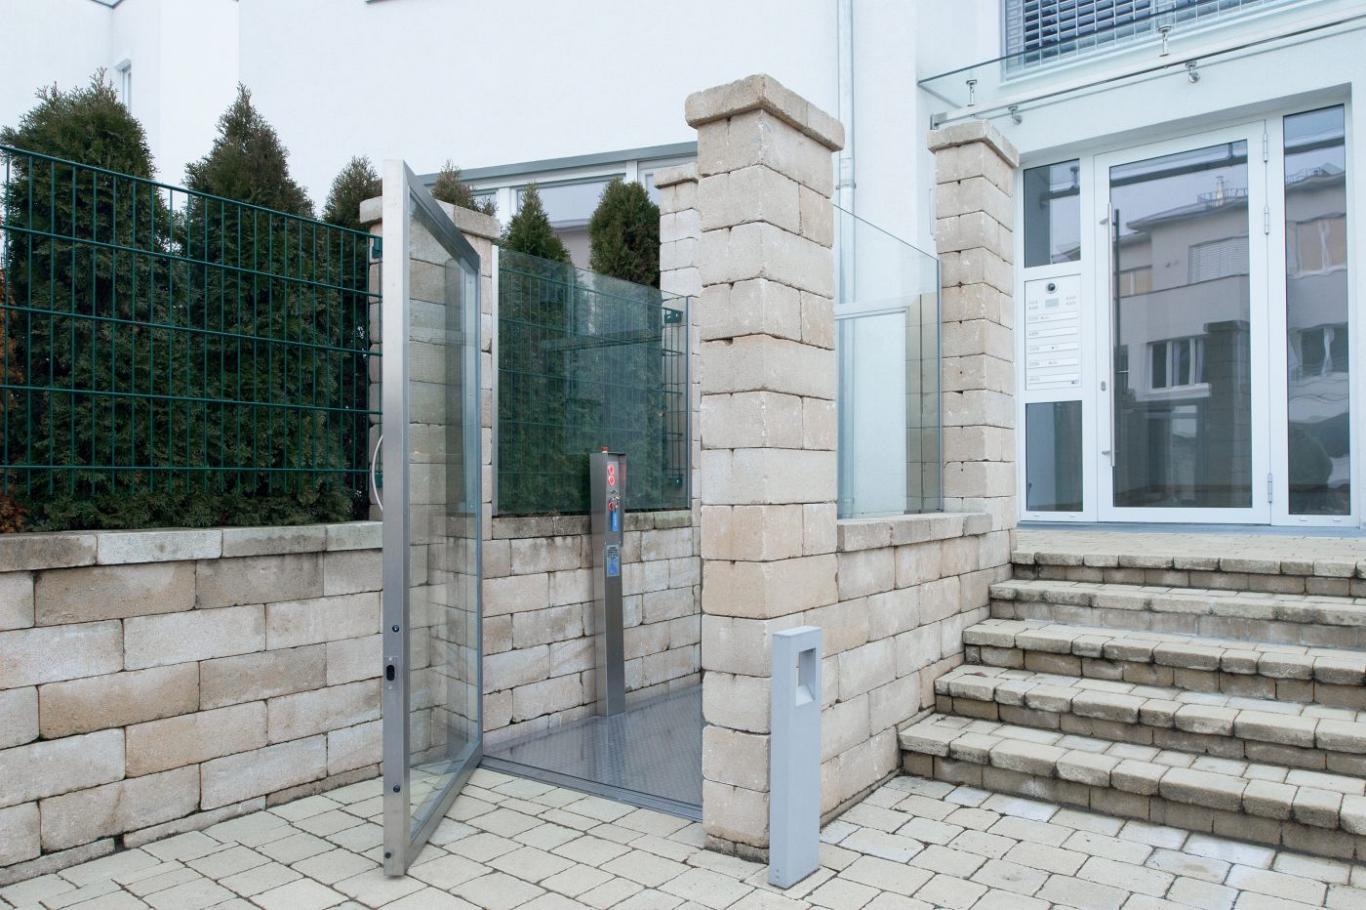 Die Plattform-Hebebühne GBH 50 als Rollstuhllift vor einem Mietshaus installiert